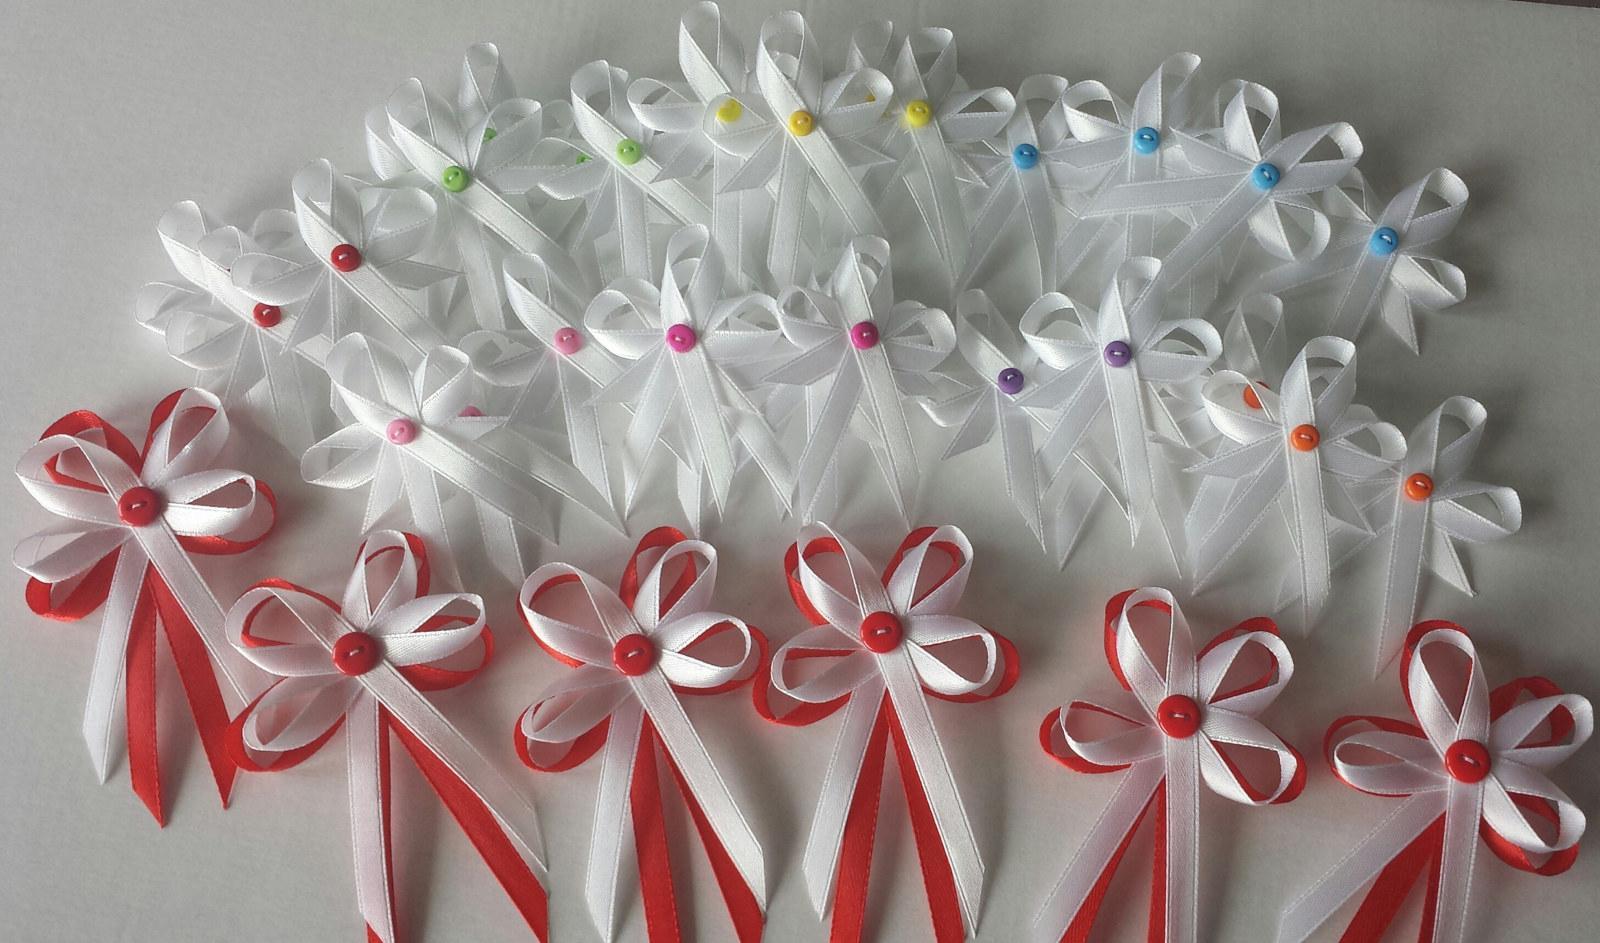 Knoflíkové bílé vývazky- barevné knoflíčky - Obrázek č. 1